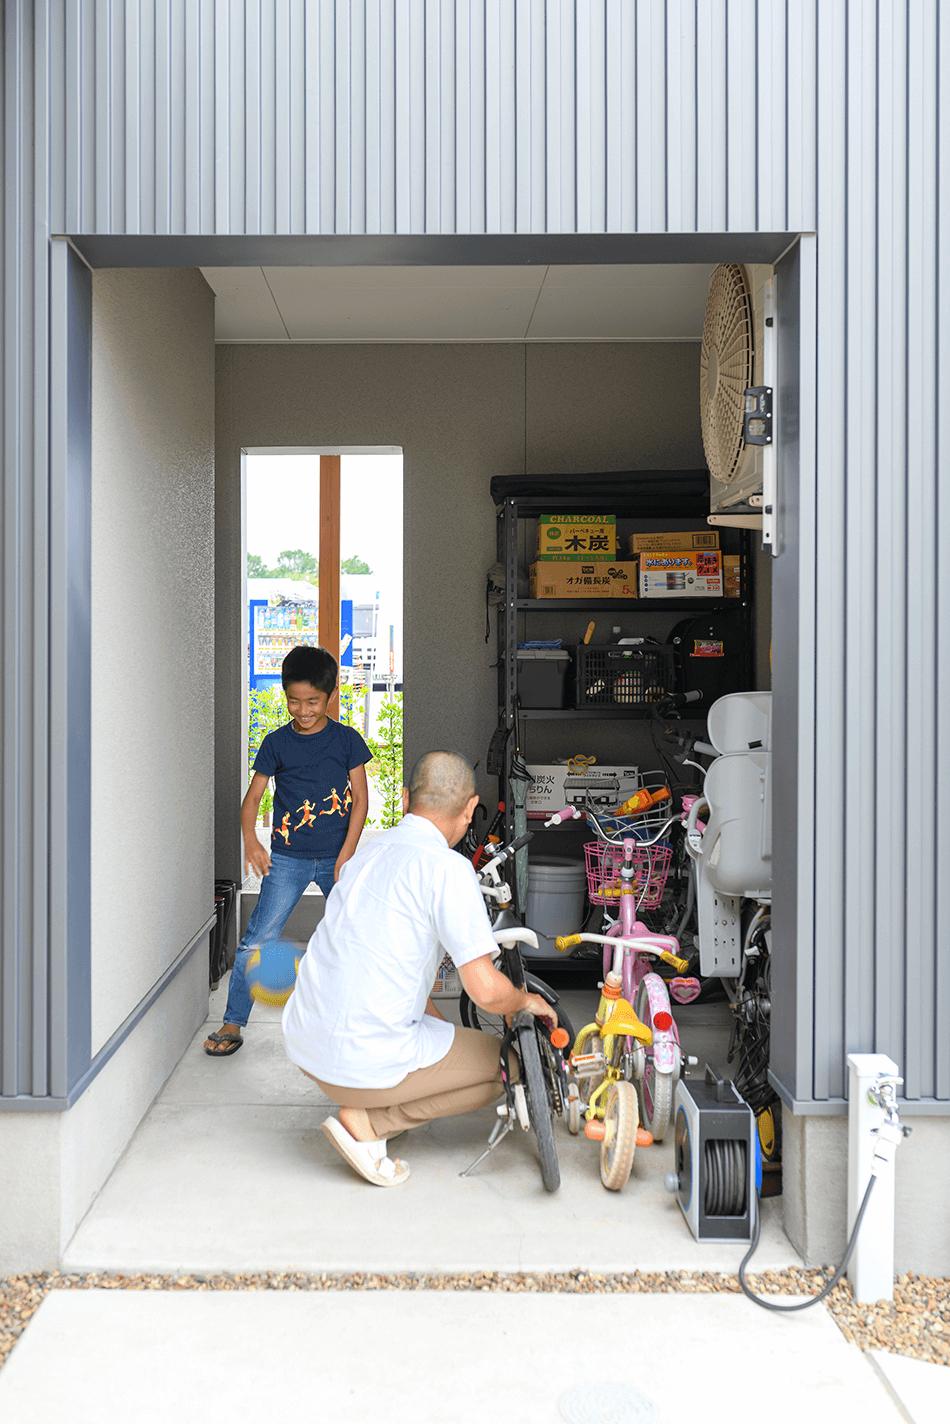 木の家|福岡の新築建築事例|2階建|3LDK|ガレージ|エコワークス|CASE-24|内観09